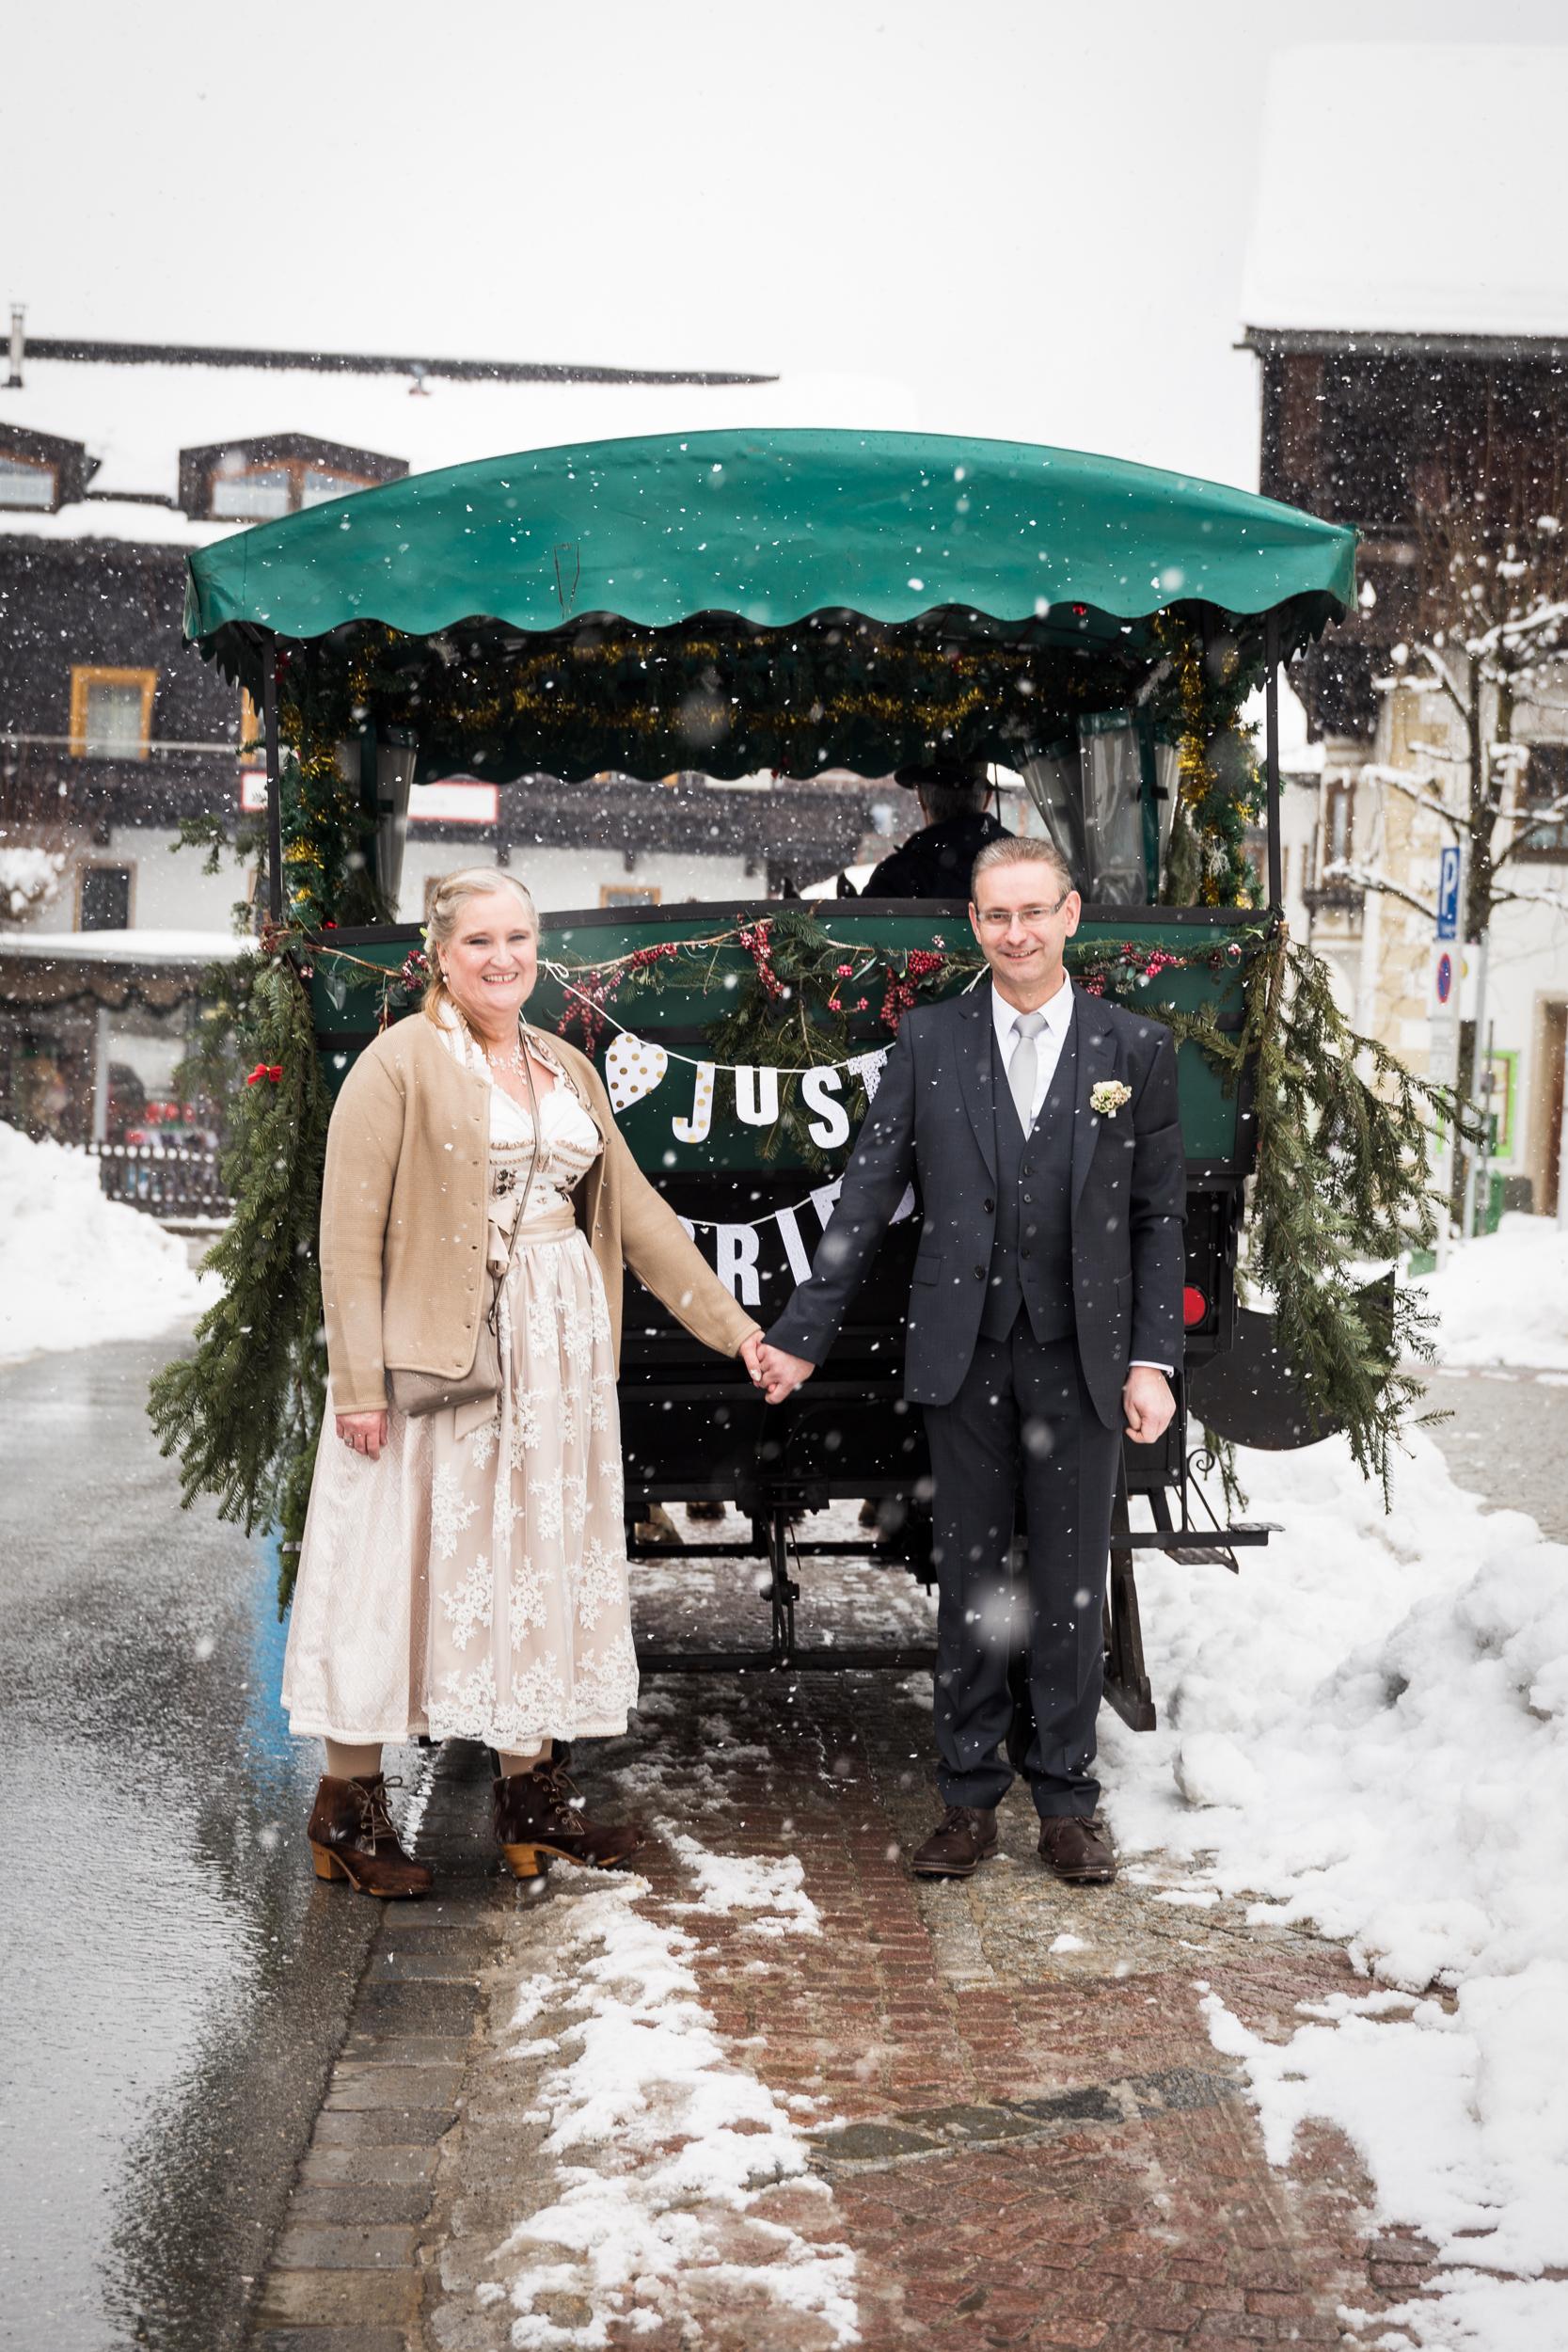 20190212_Hochzeit Koenig_0506.jpg